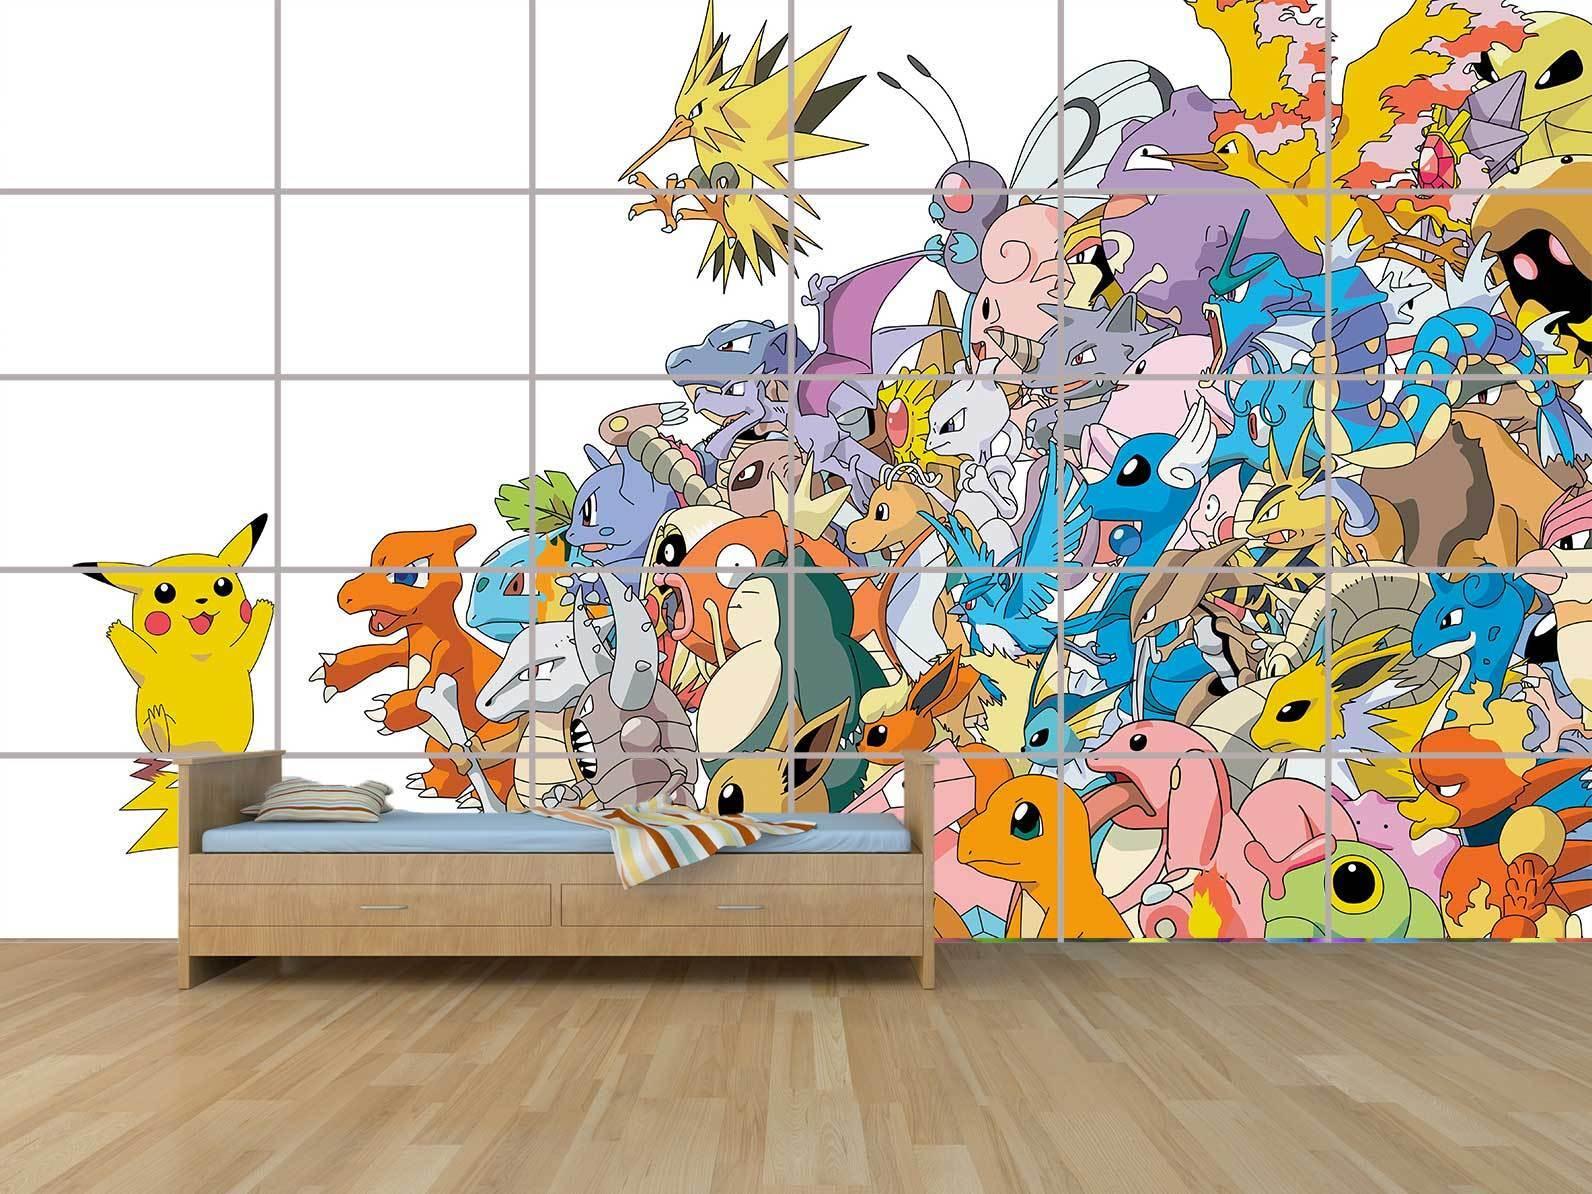 Pokemon Pikachu Pikachu Pikachu Gigante Cartel Poster Habitación Niños Room ( Sala de Control)  Sin impuestos